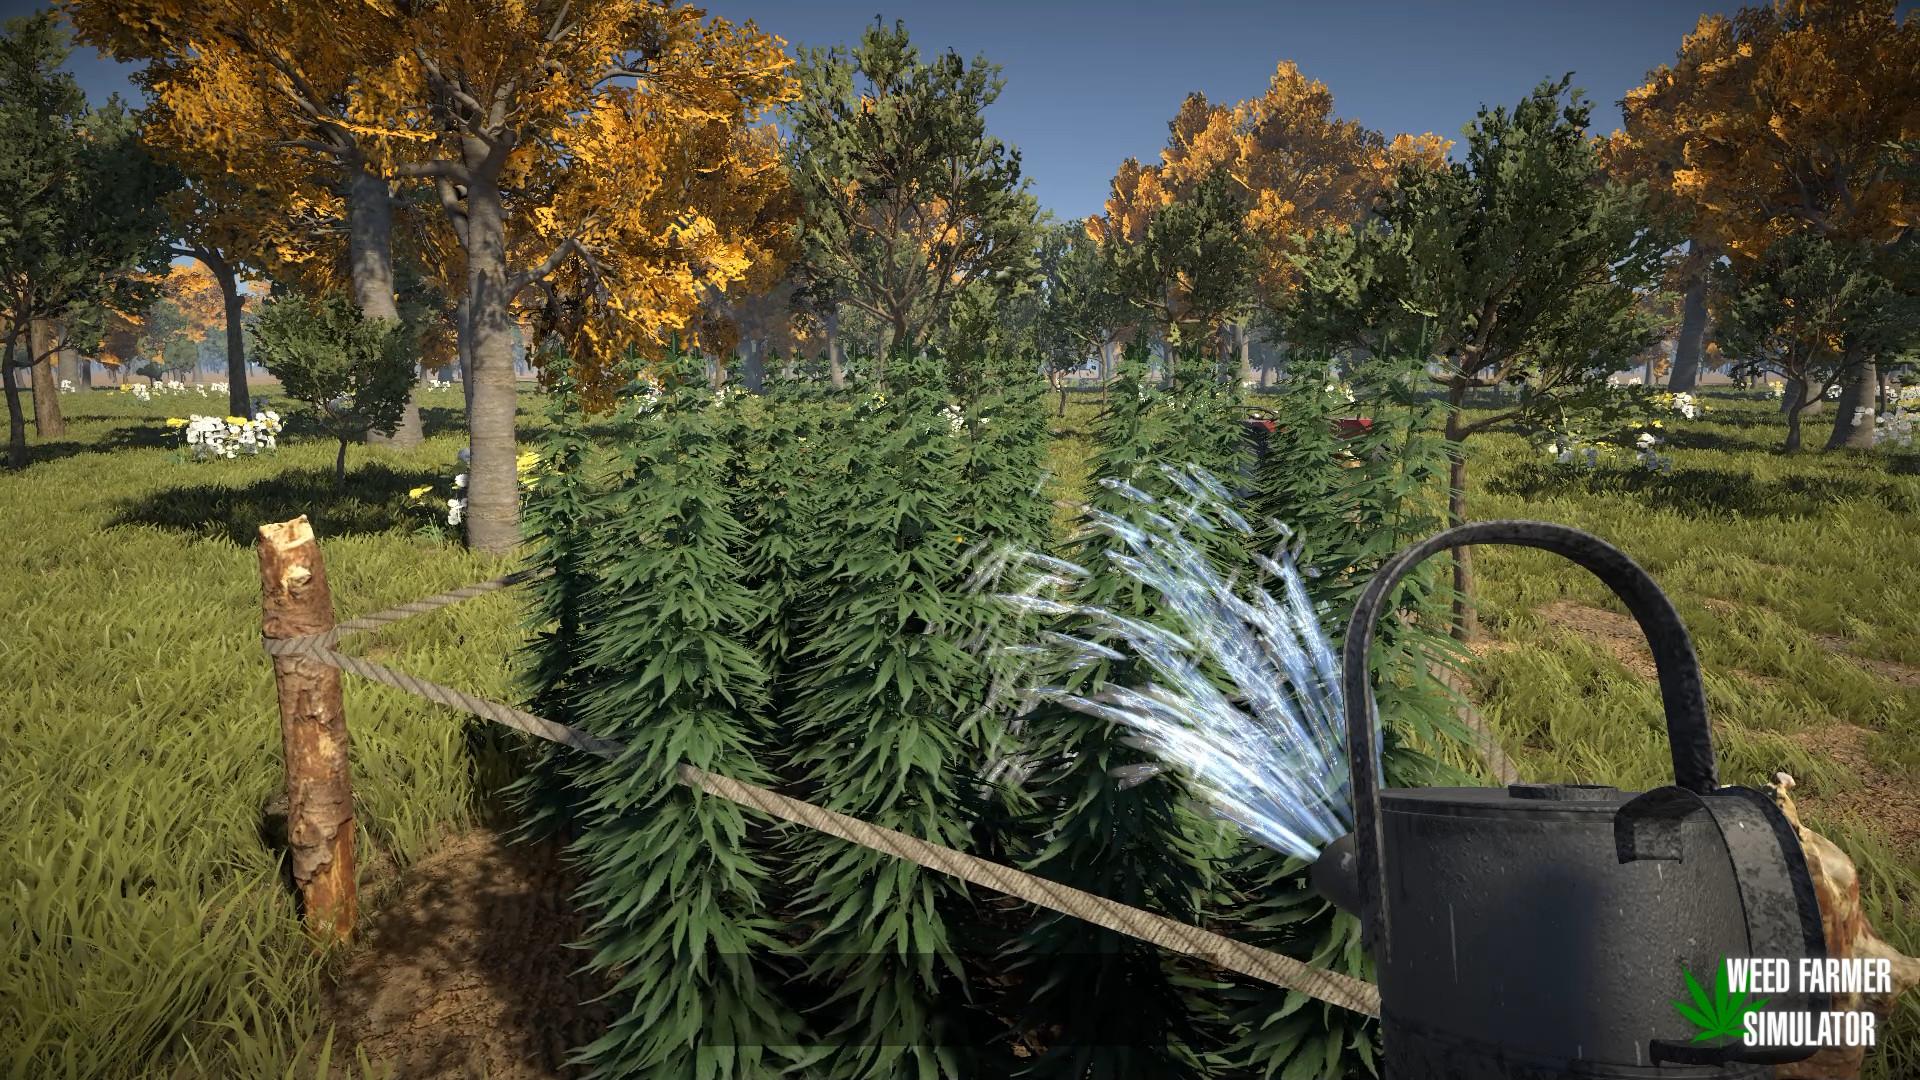 3 4 - ○○農家シミュレーター『Weed Farmer Simulator』が爆誕! おまえらのノウハウを発揮しろー